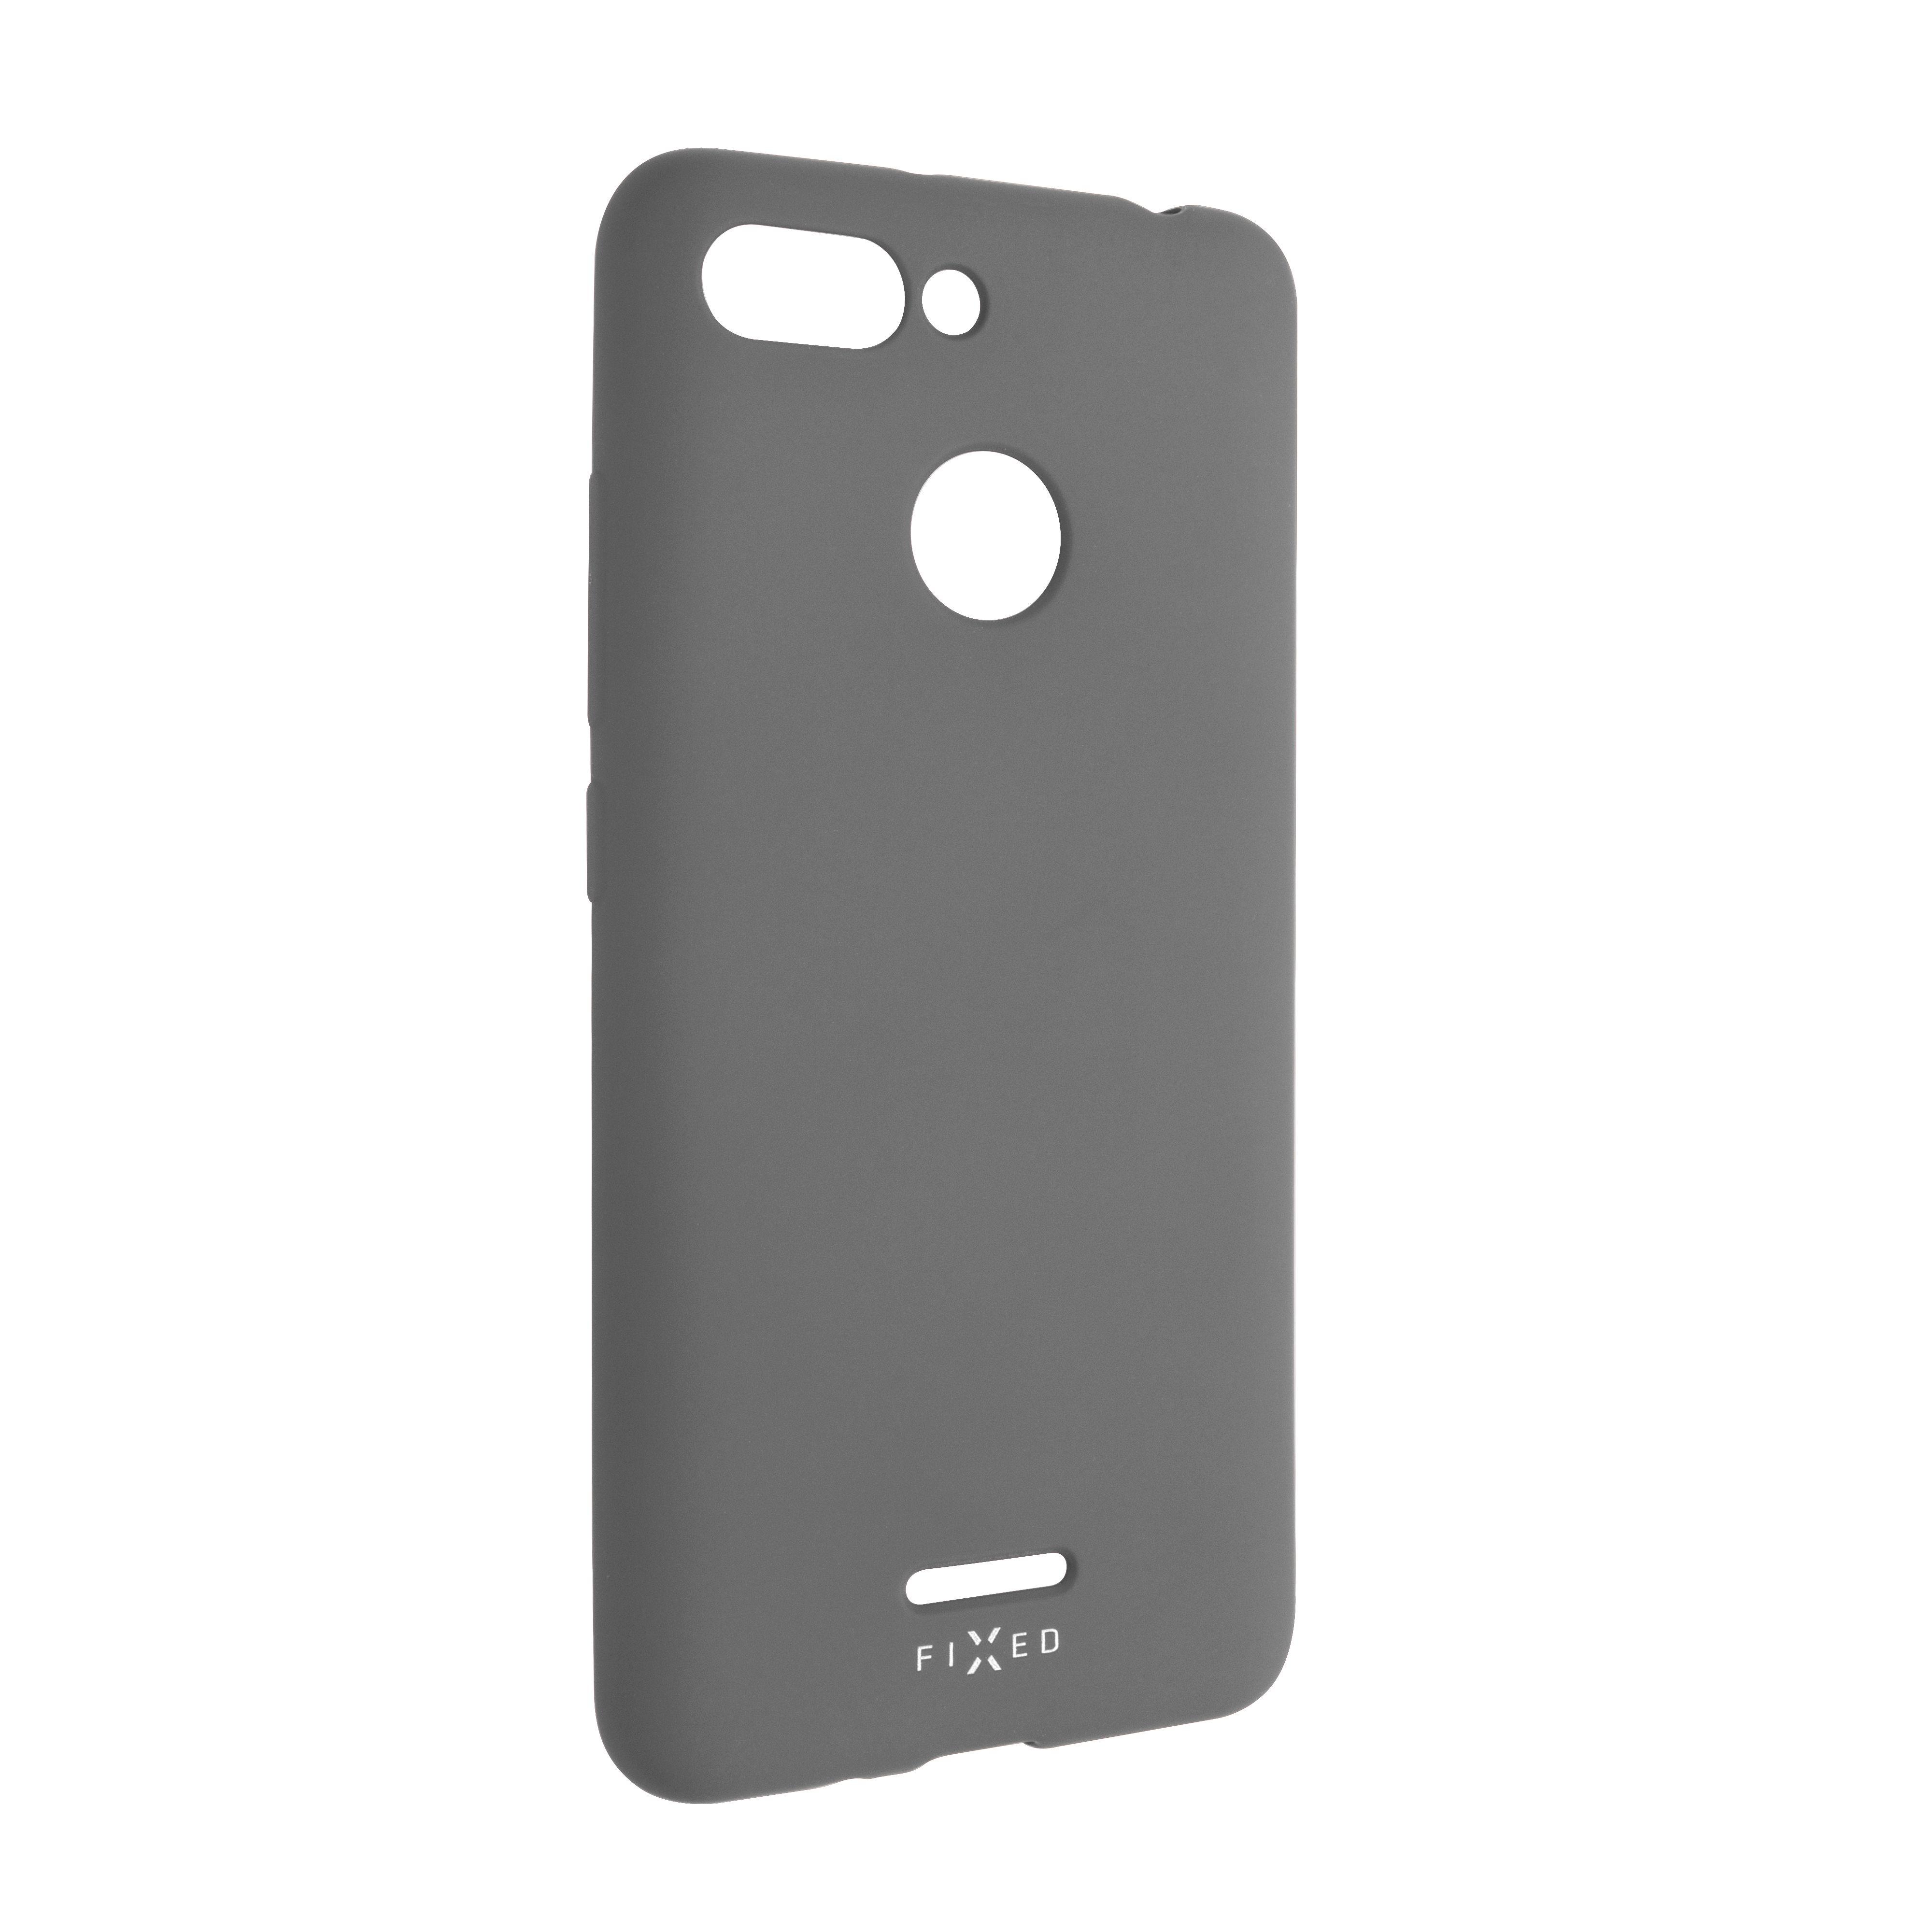 Zadní pogumovaný kryt FIXED Story pro Xiaomi Redmi 6, šedý